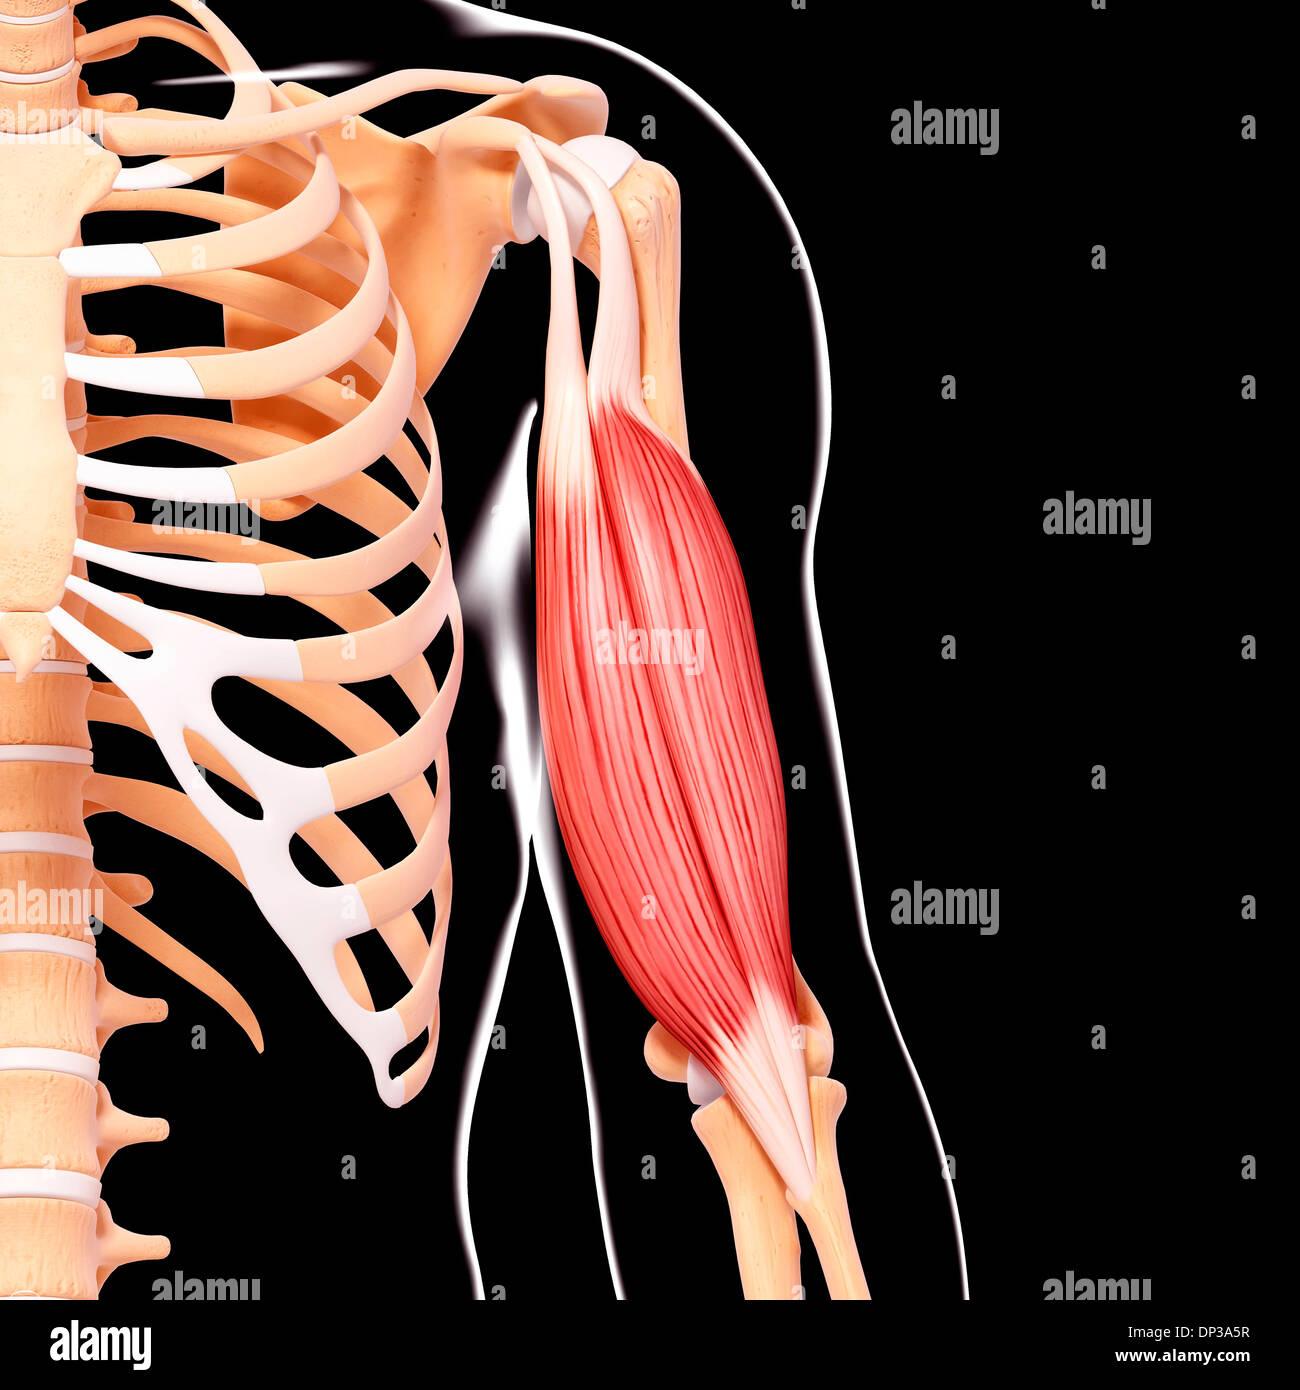 Menschlicher Arm Muskulatur, artwork Stockfoto, Bild: 65227395 - Alamy